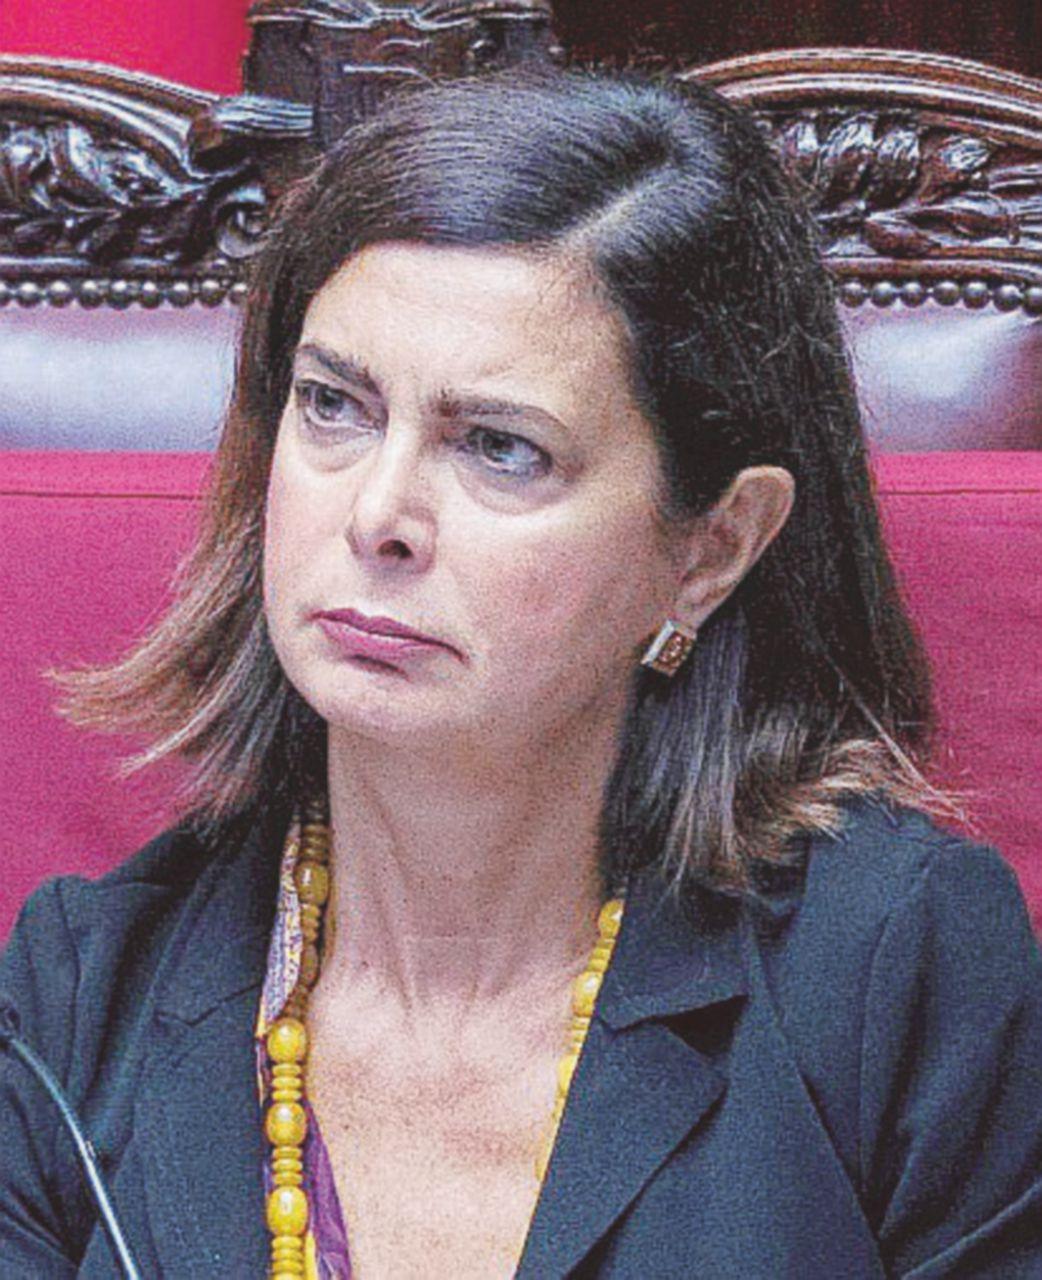 """La destra contro i migranti e la Boldrini. E lei attacca: """"Dibattito agghiacciante"""""""